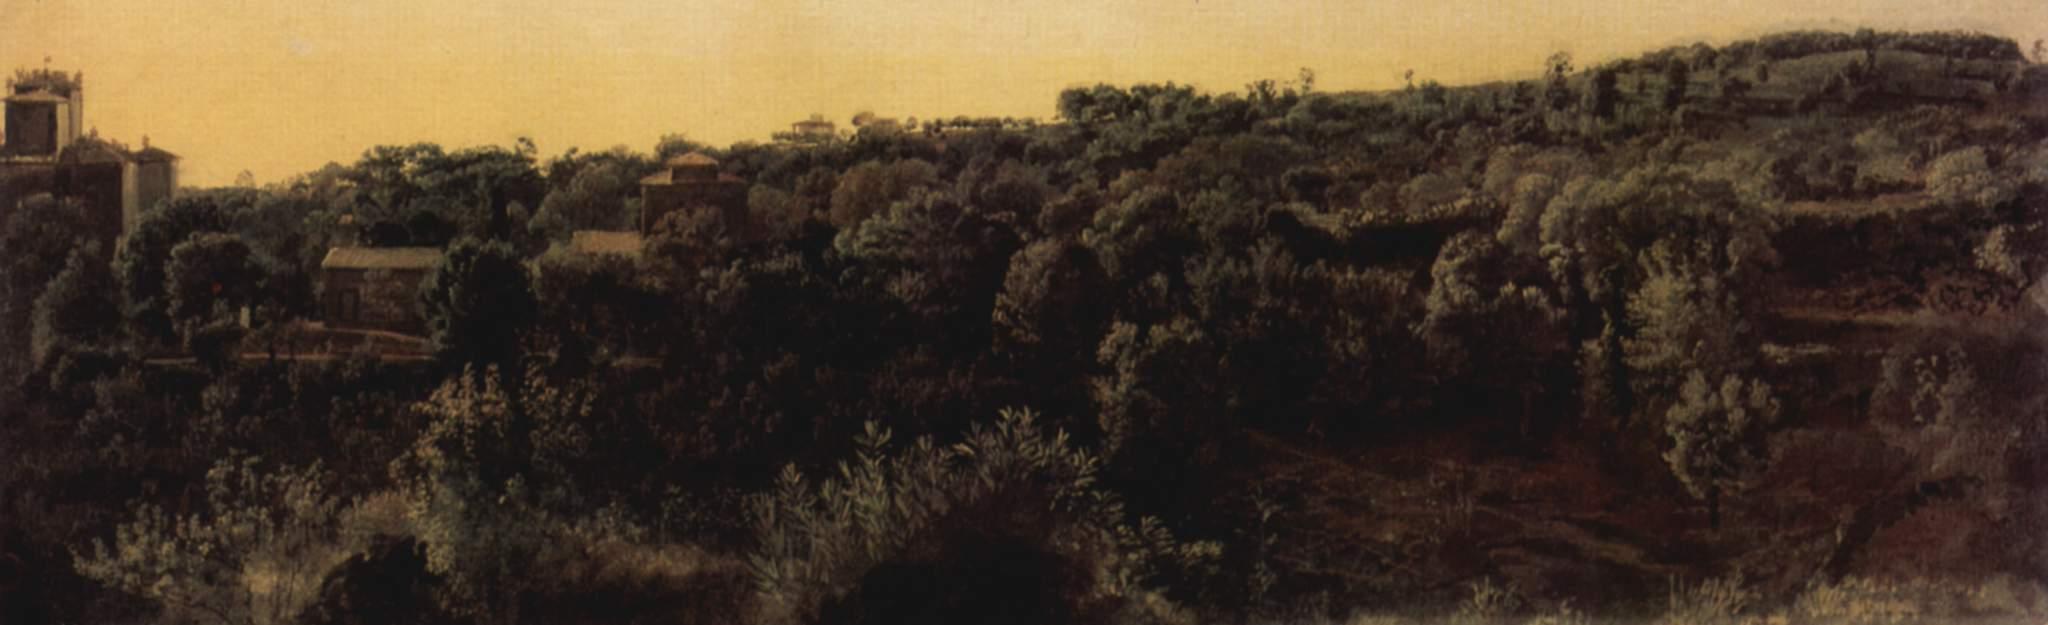 Chigi Palace on the Park, 1847